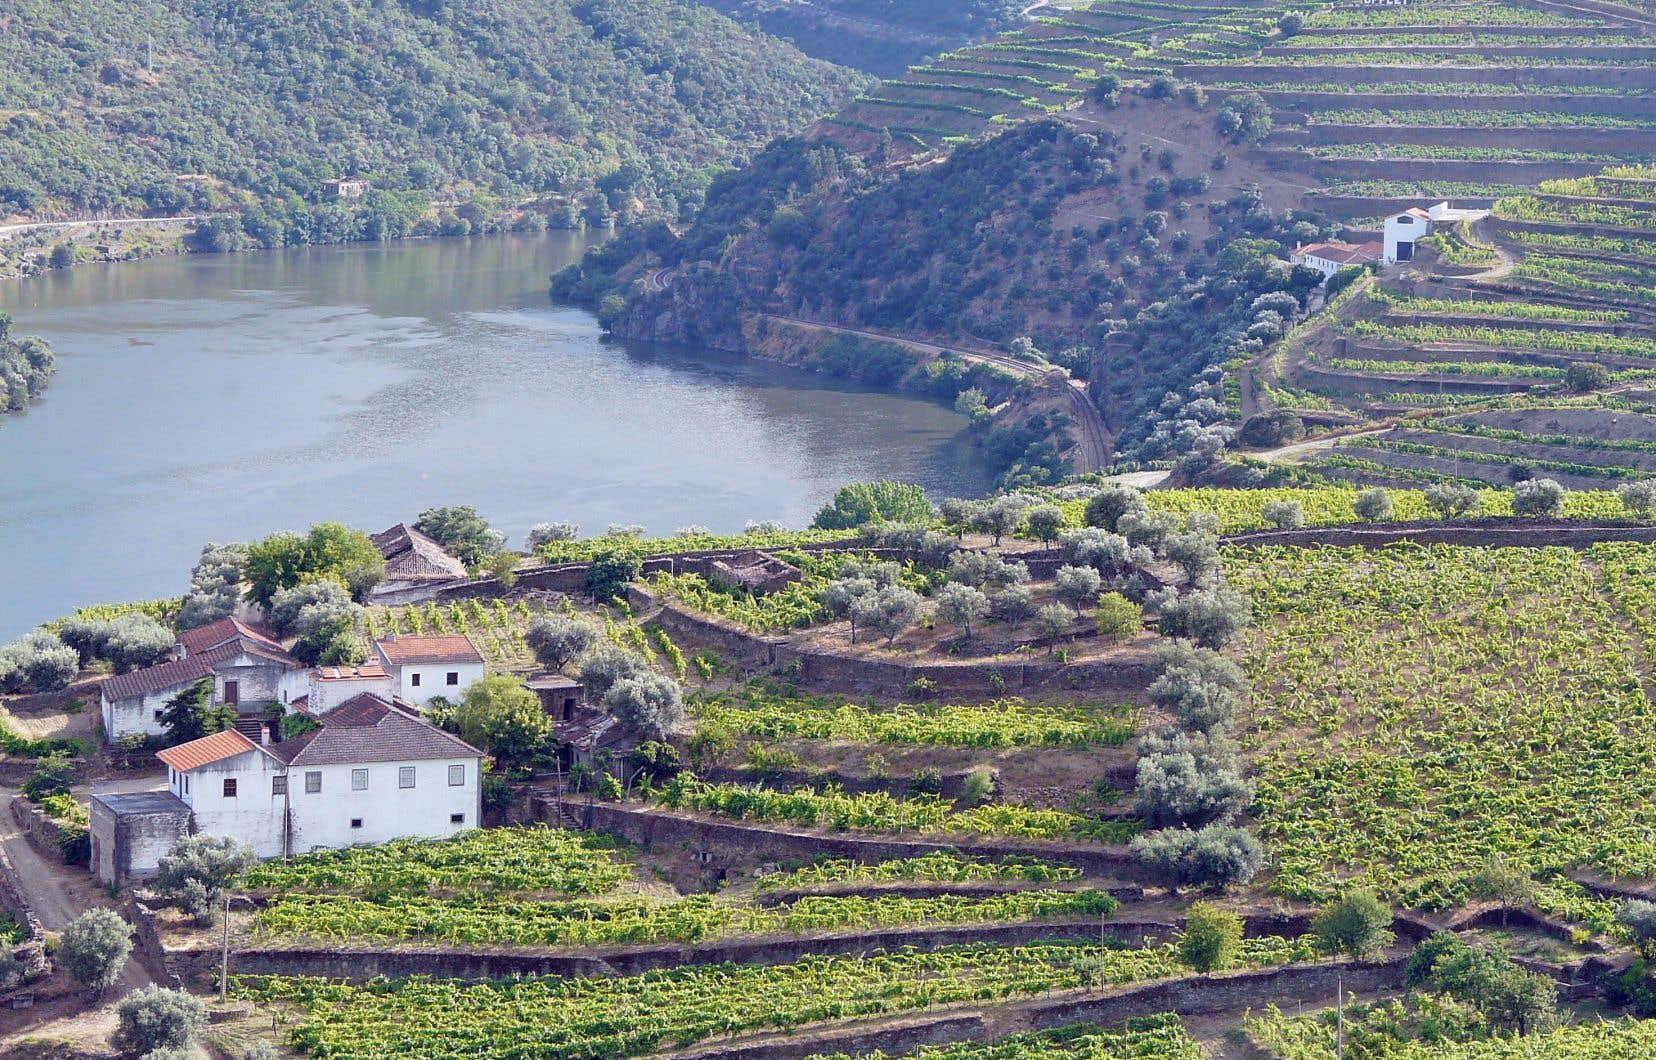 Le fleuve Douro frayant son chemin dans les vignobles escarpés du Portugal